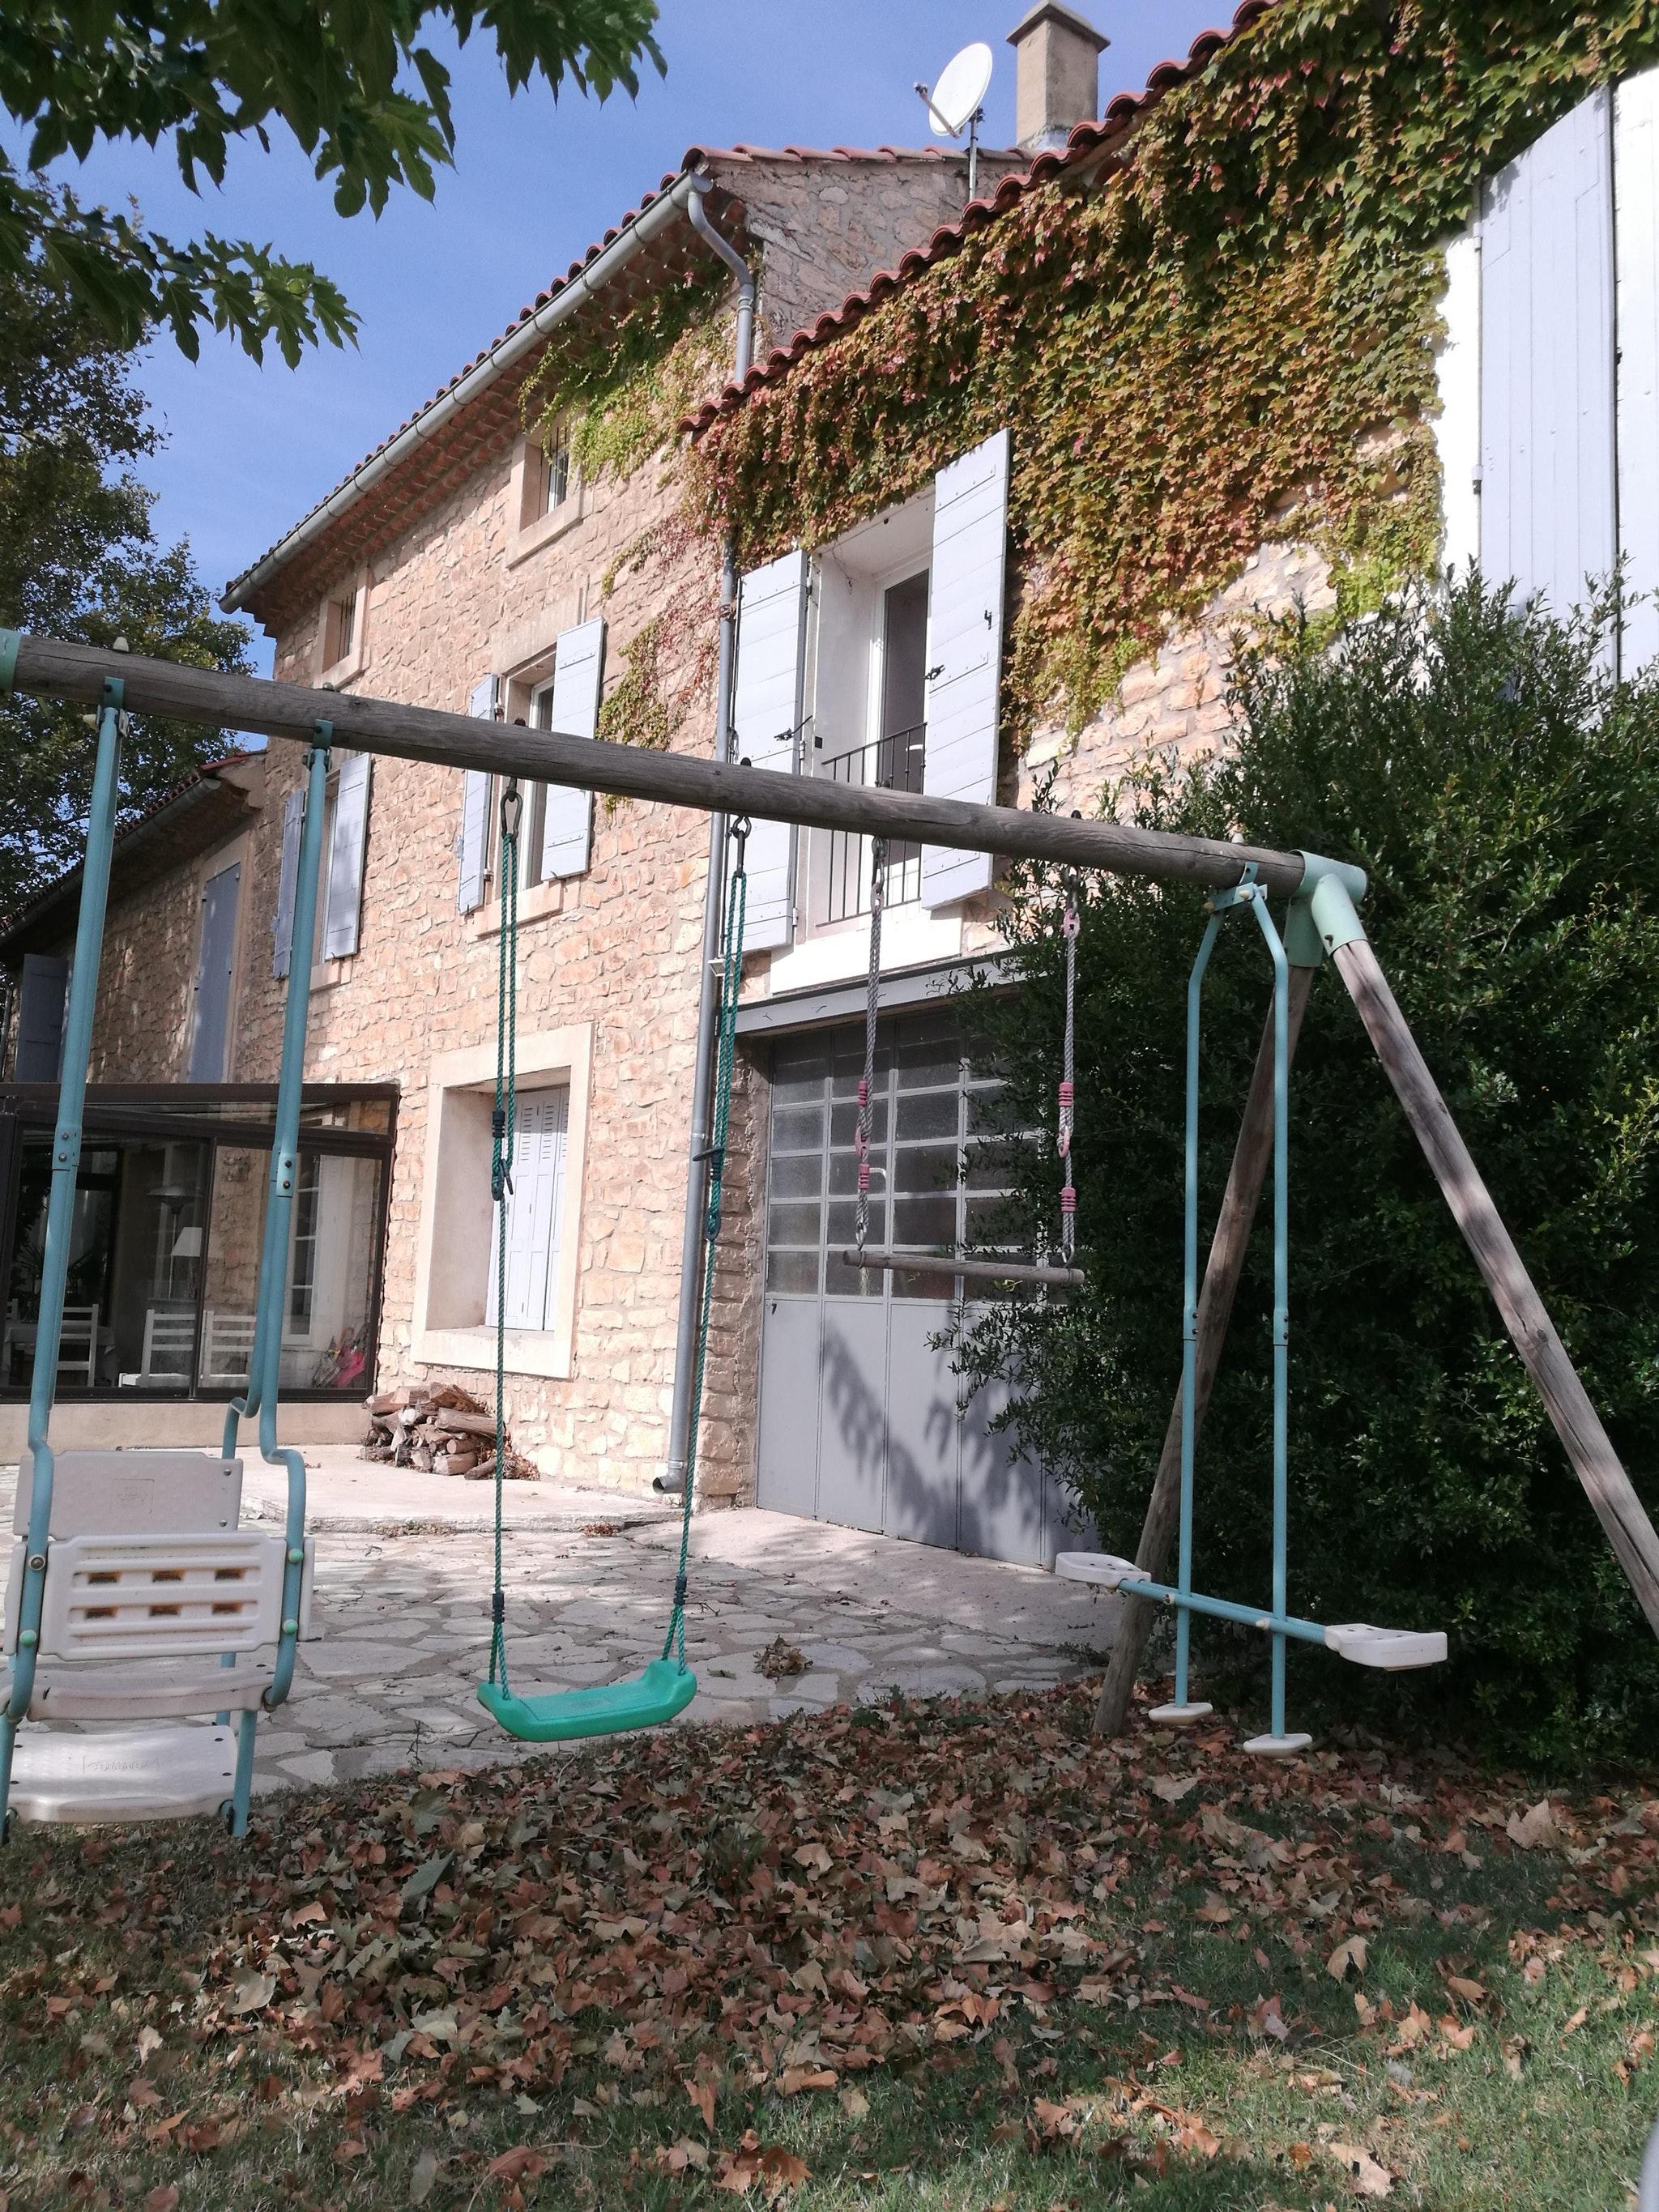 Ferienhaus Haus mit 6 Schlafzimmern in Pernes-les-Fontaines mit privatem Pool, möbliertem Garten und  (2377414), Pernes les Fontaines, Saône-et-Loire, Burgund, Frankreich, Bild 34